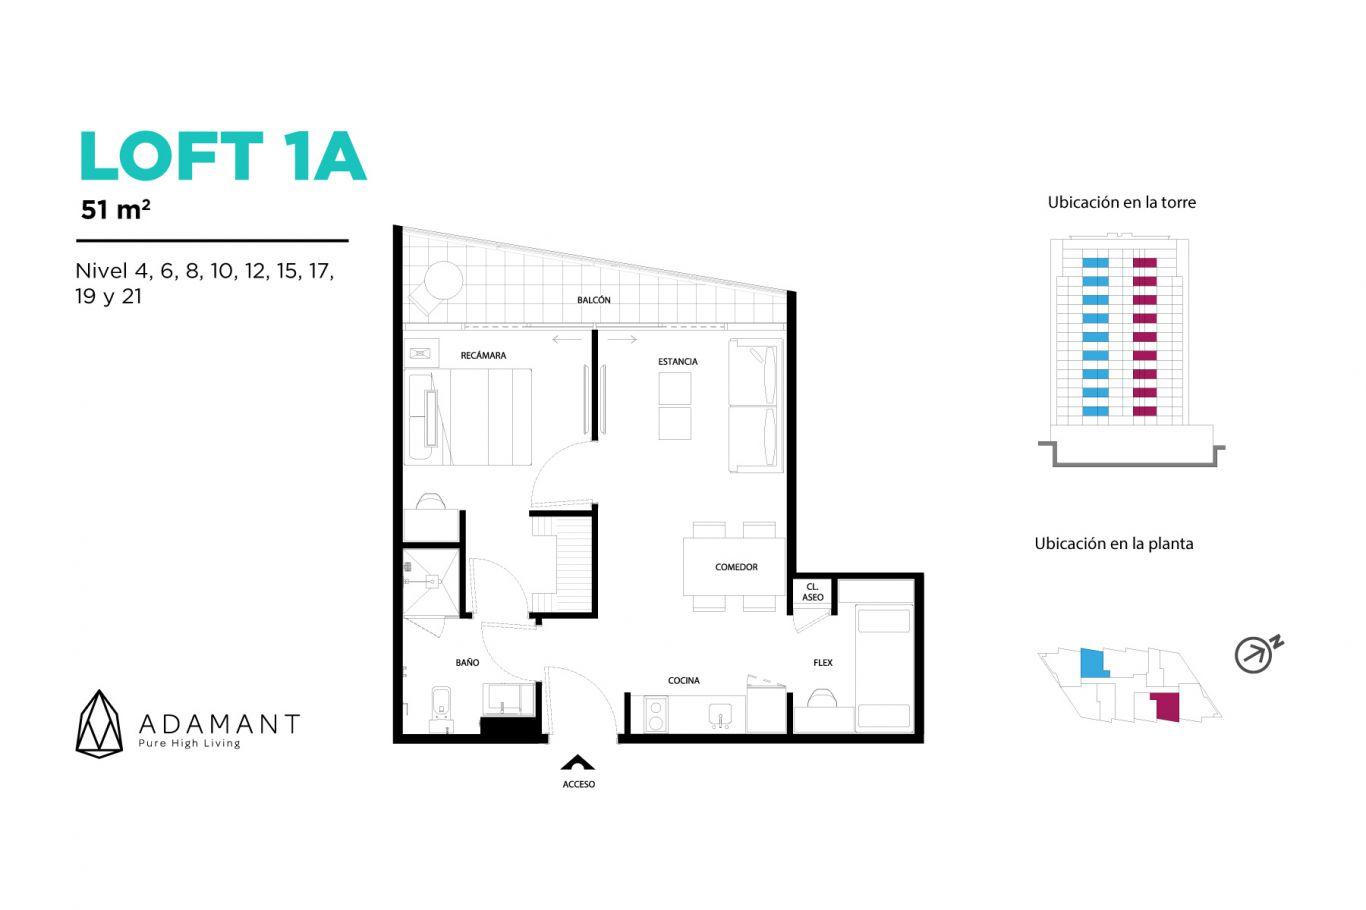 Adamant tijuana, id 1656034, no 1, plano de loft 1a, 520